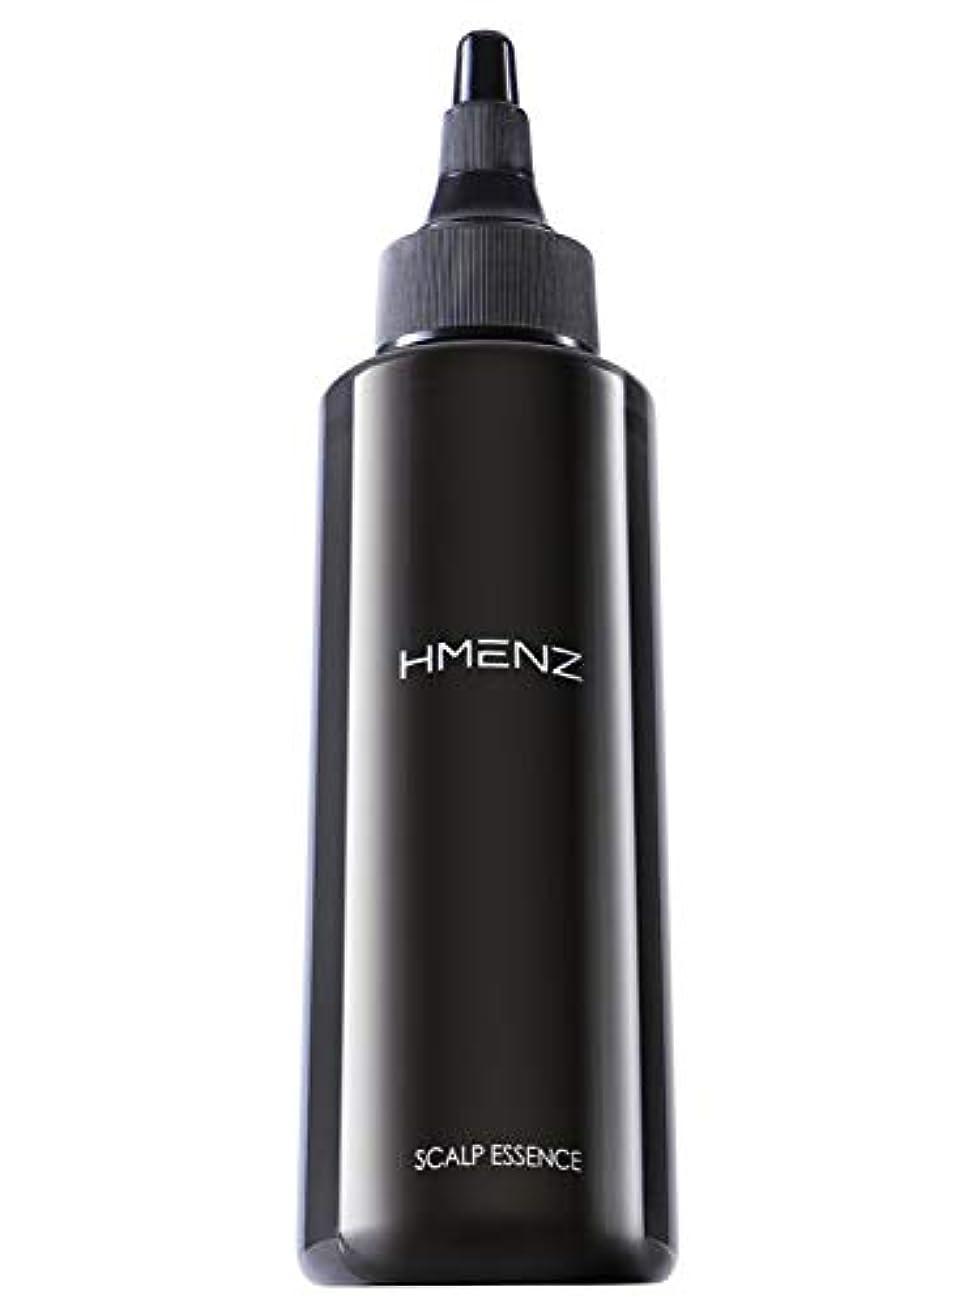 貝殻肌私達医薬部外品 HMENZ メンズ 育毛剤 スカルプエッセンス 毛髪エイジングケアシリーズ 和漢根 海藻配合 育毛トニック 120ml